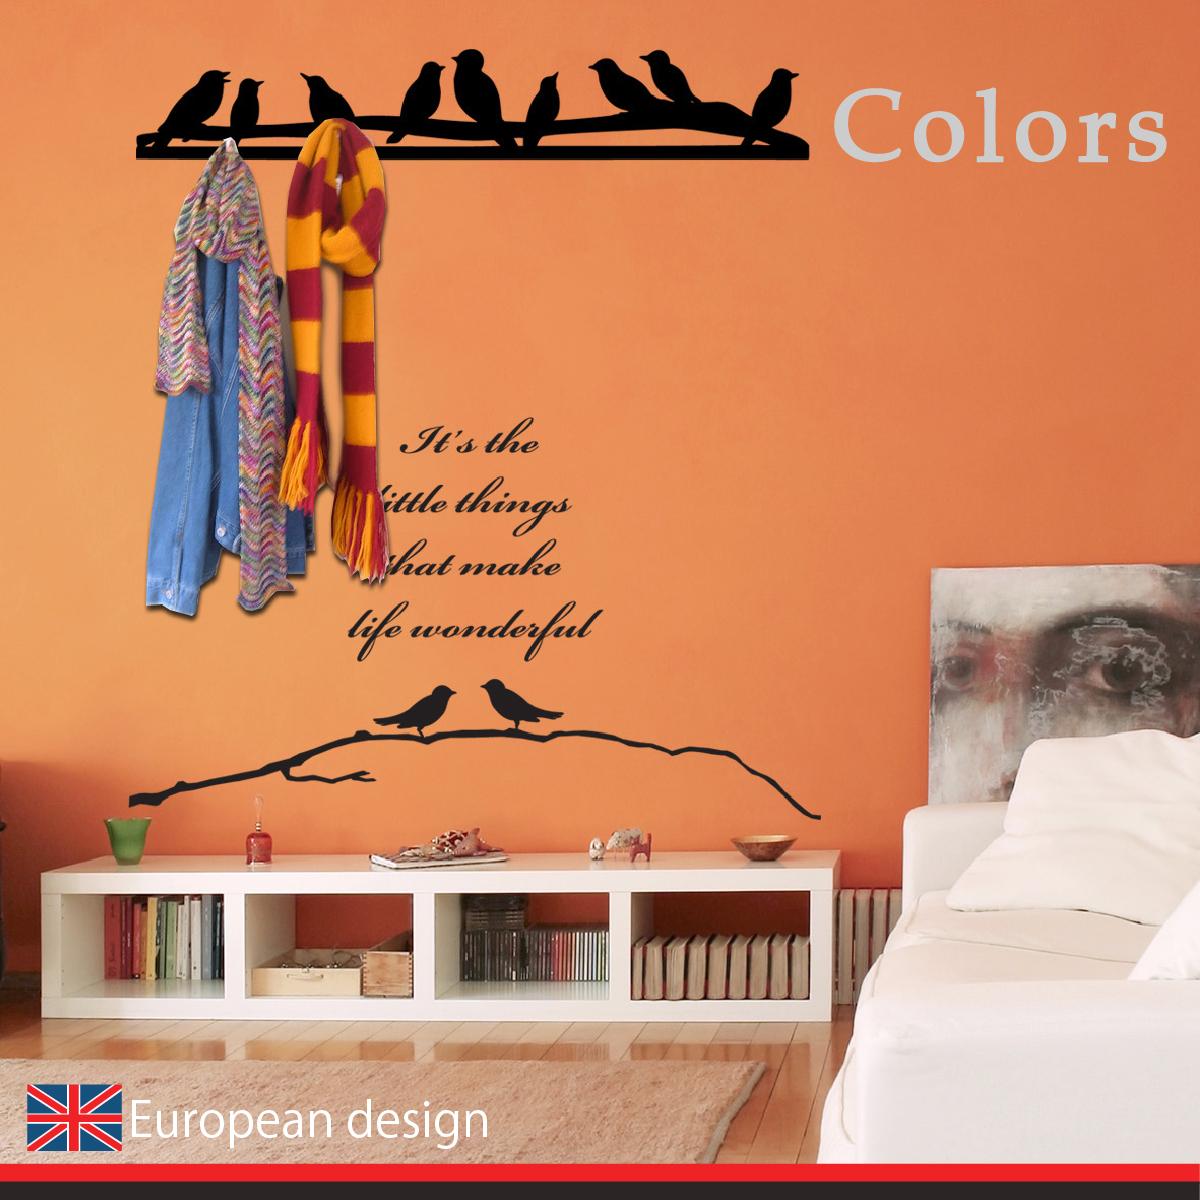 創意壁貼 【WD-004 枝頭小鳥】藝術壁貼 無毒無痕 不傷牆面 創意壁貼 英國設計 窗貼